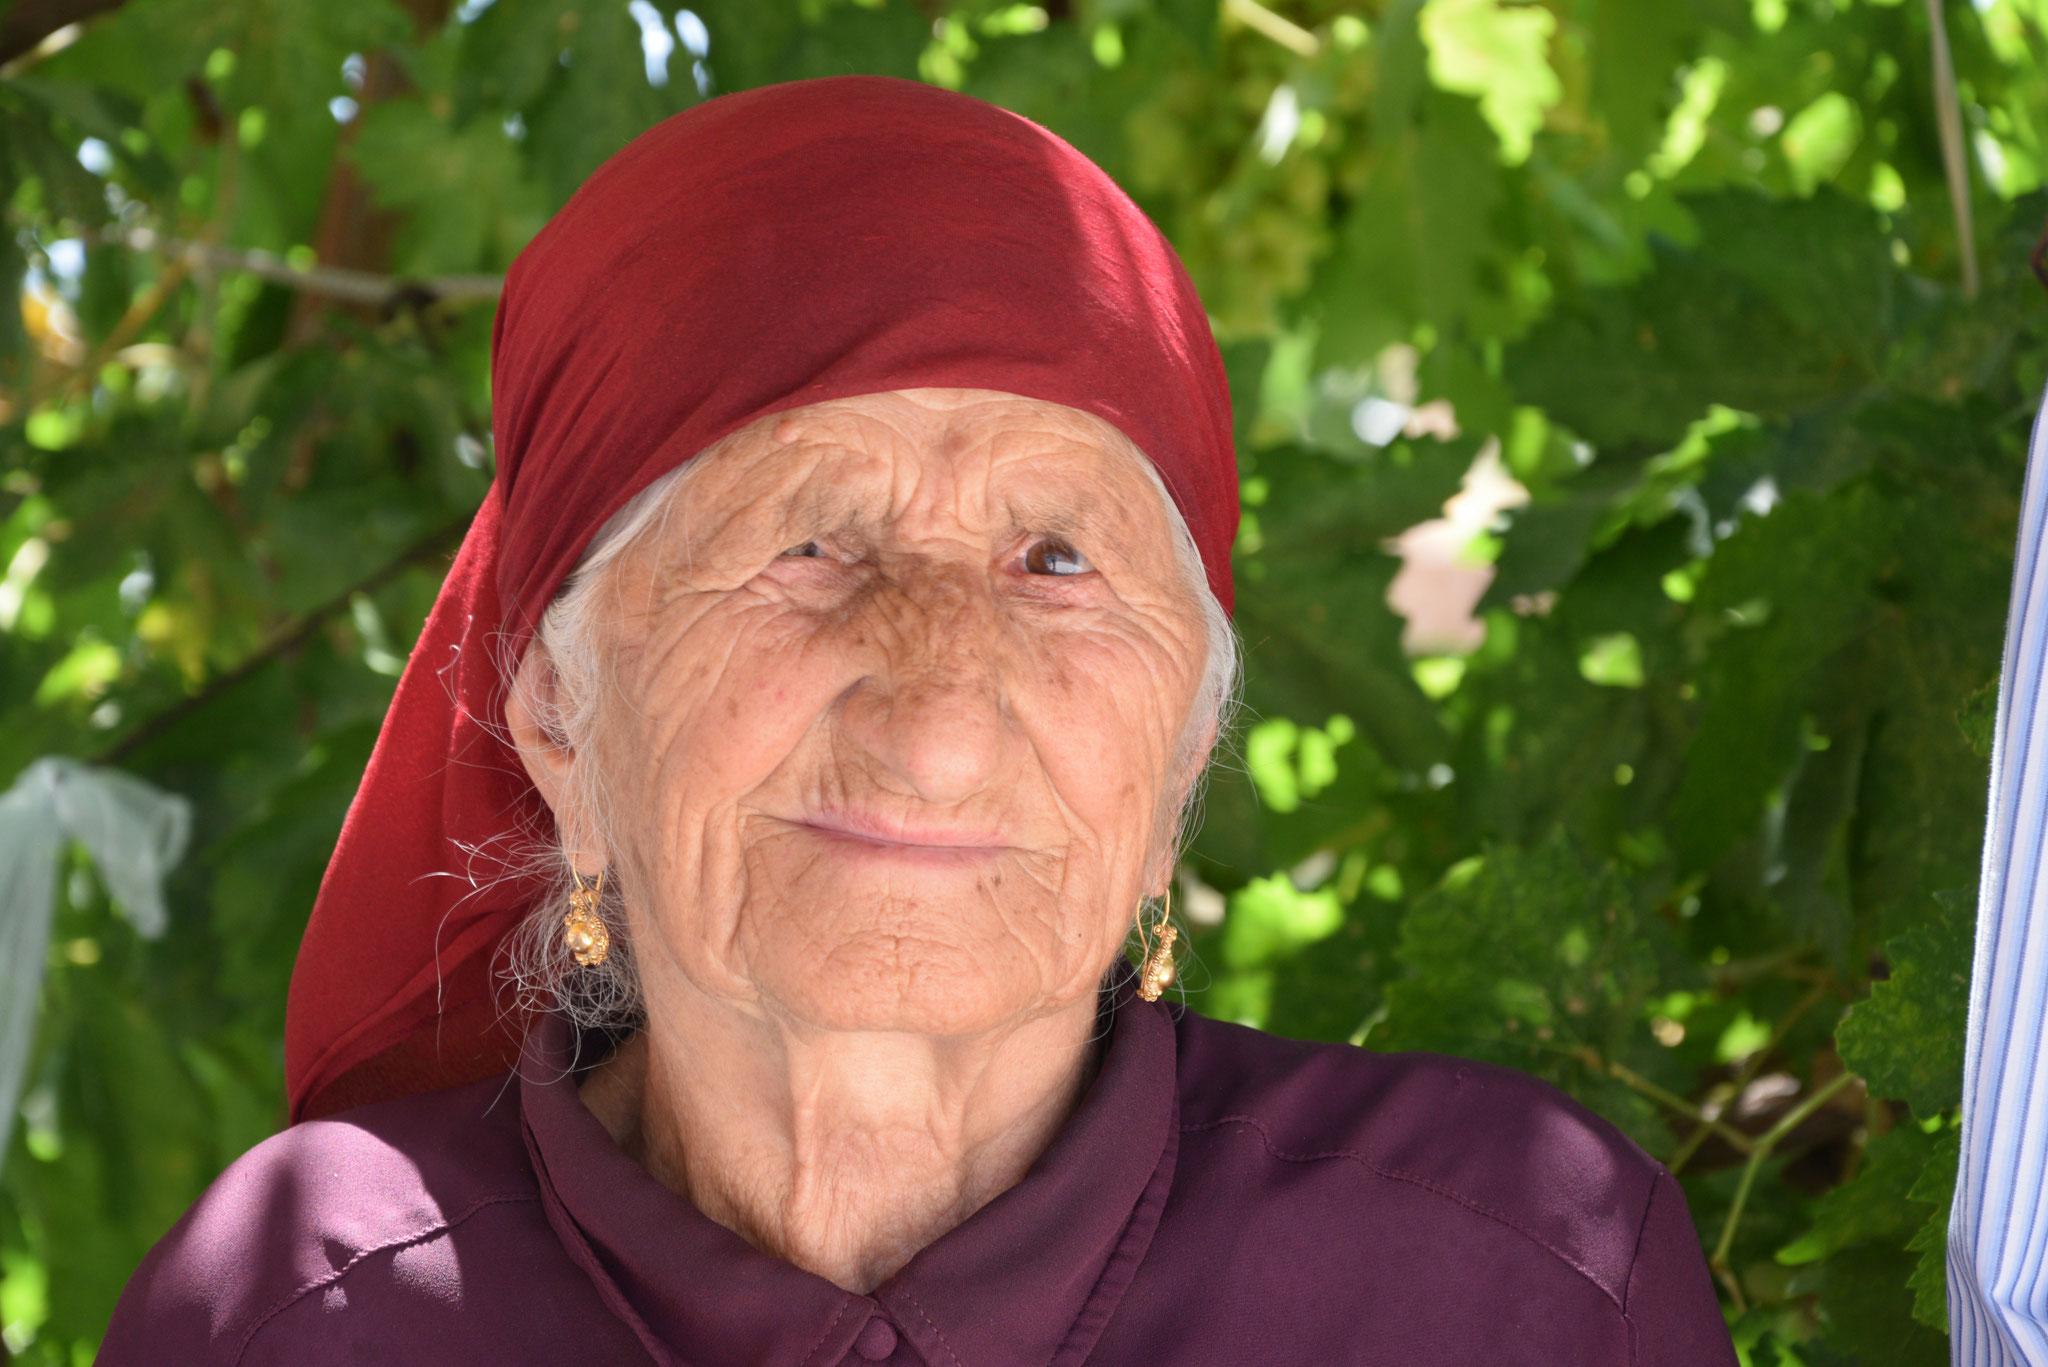 Die meisten jungen Christen sind längst aus dem Tur Abdin ausgewandert. Zurückgeblieben sind die Alten. (Hier eine christliche Bewohnerin des Dorfes Anhel.)